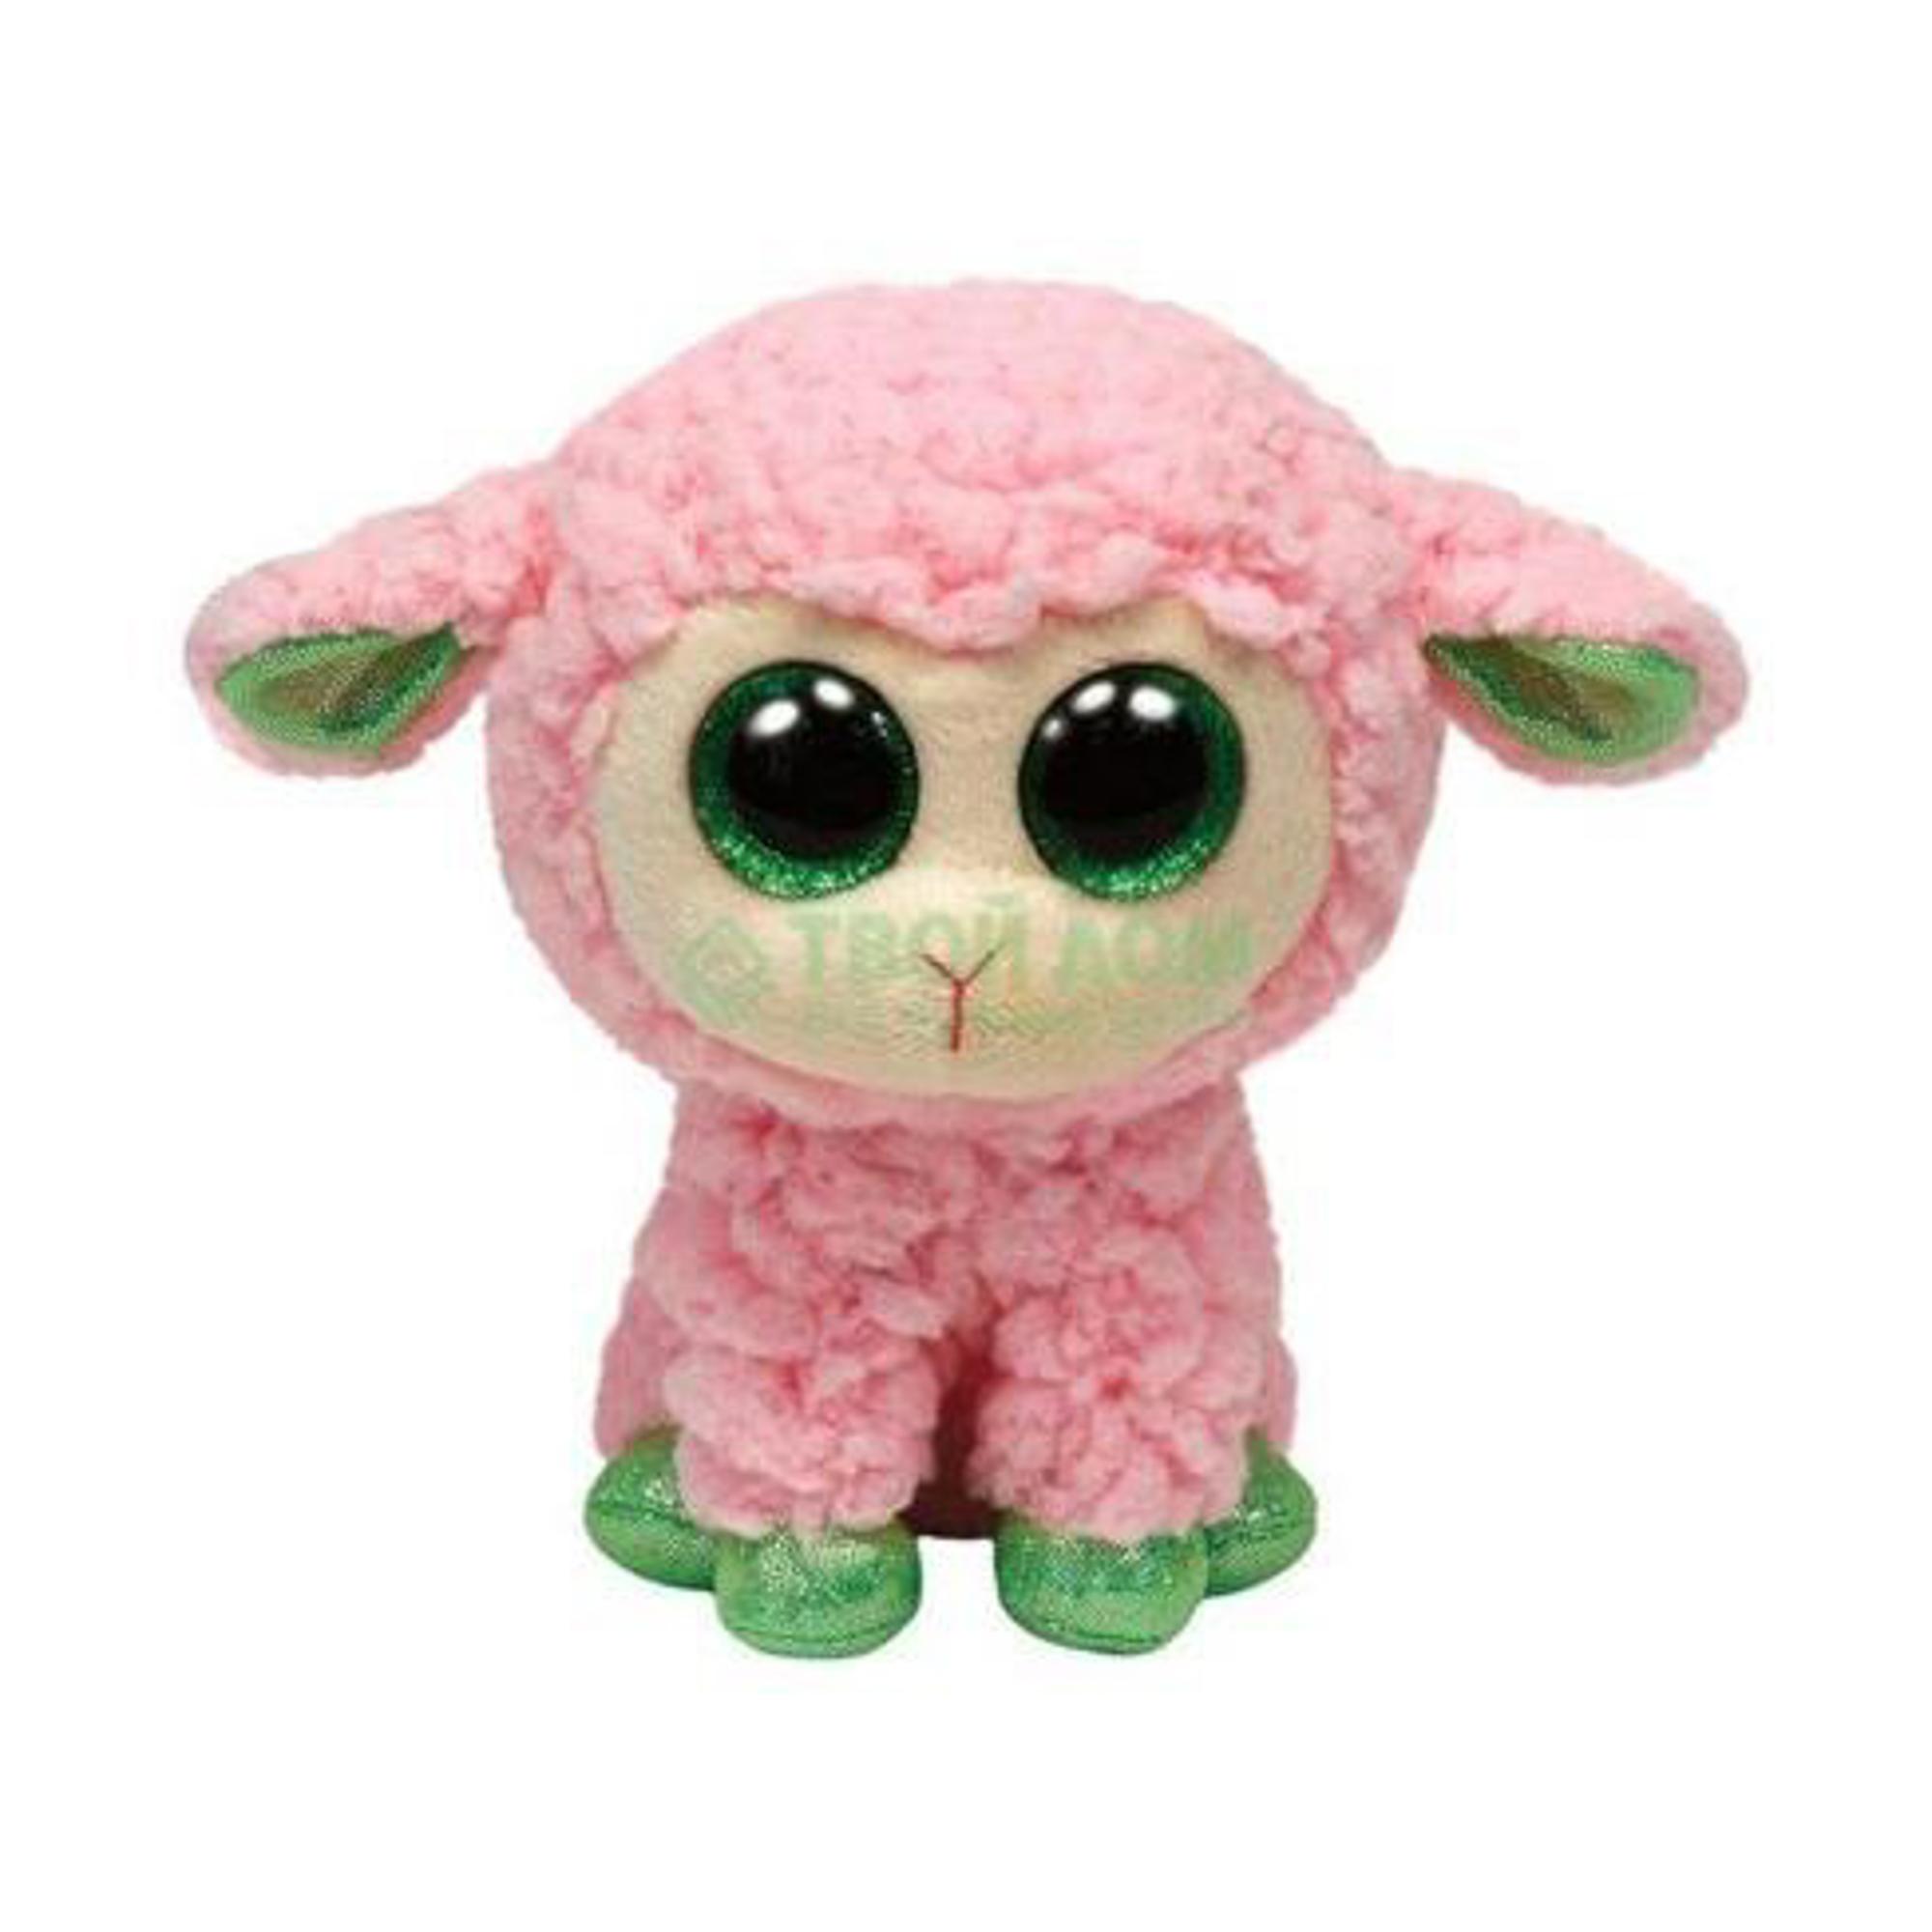 Фото - Мягкая игрушка TY Овечка 23 см игрушка ночник chicco овечка розовая 30 см